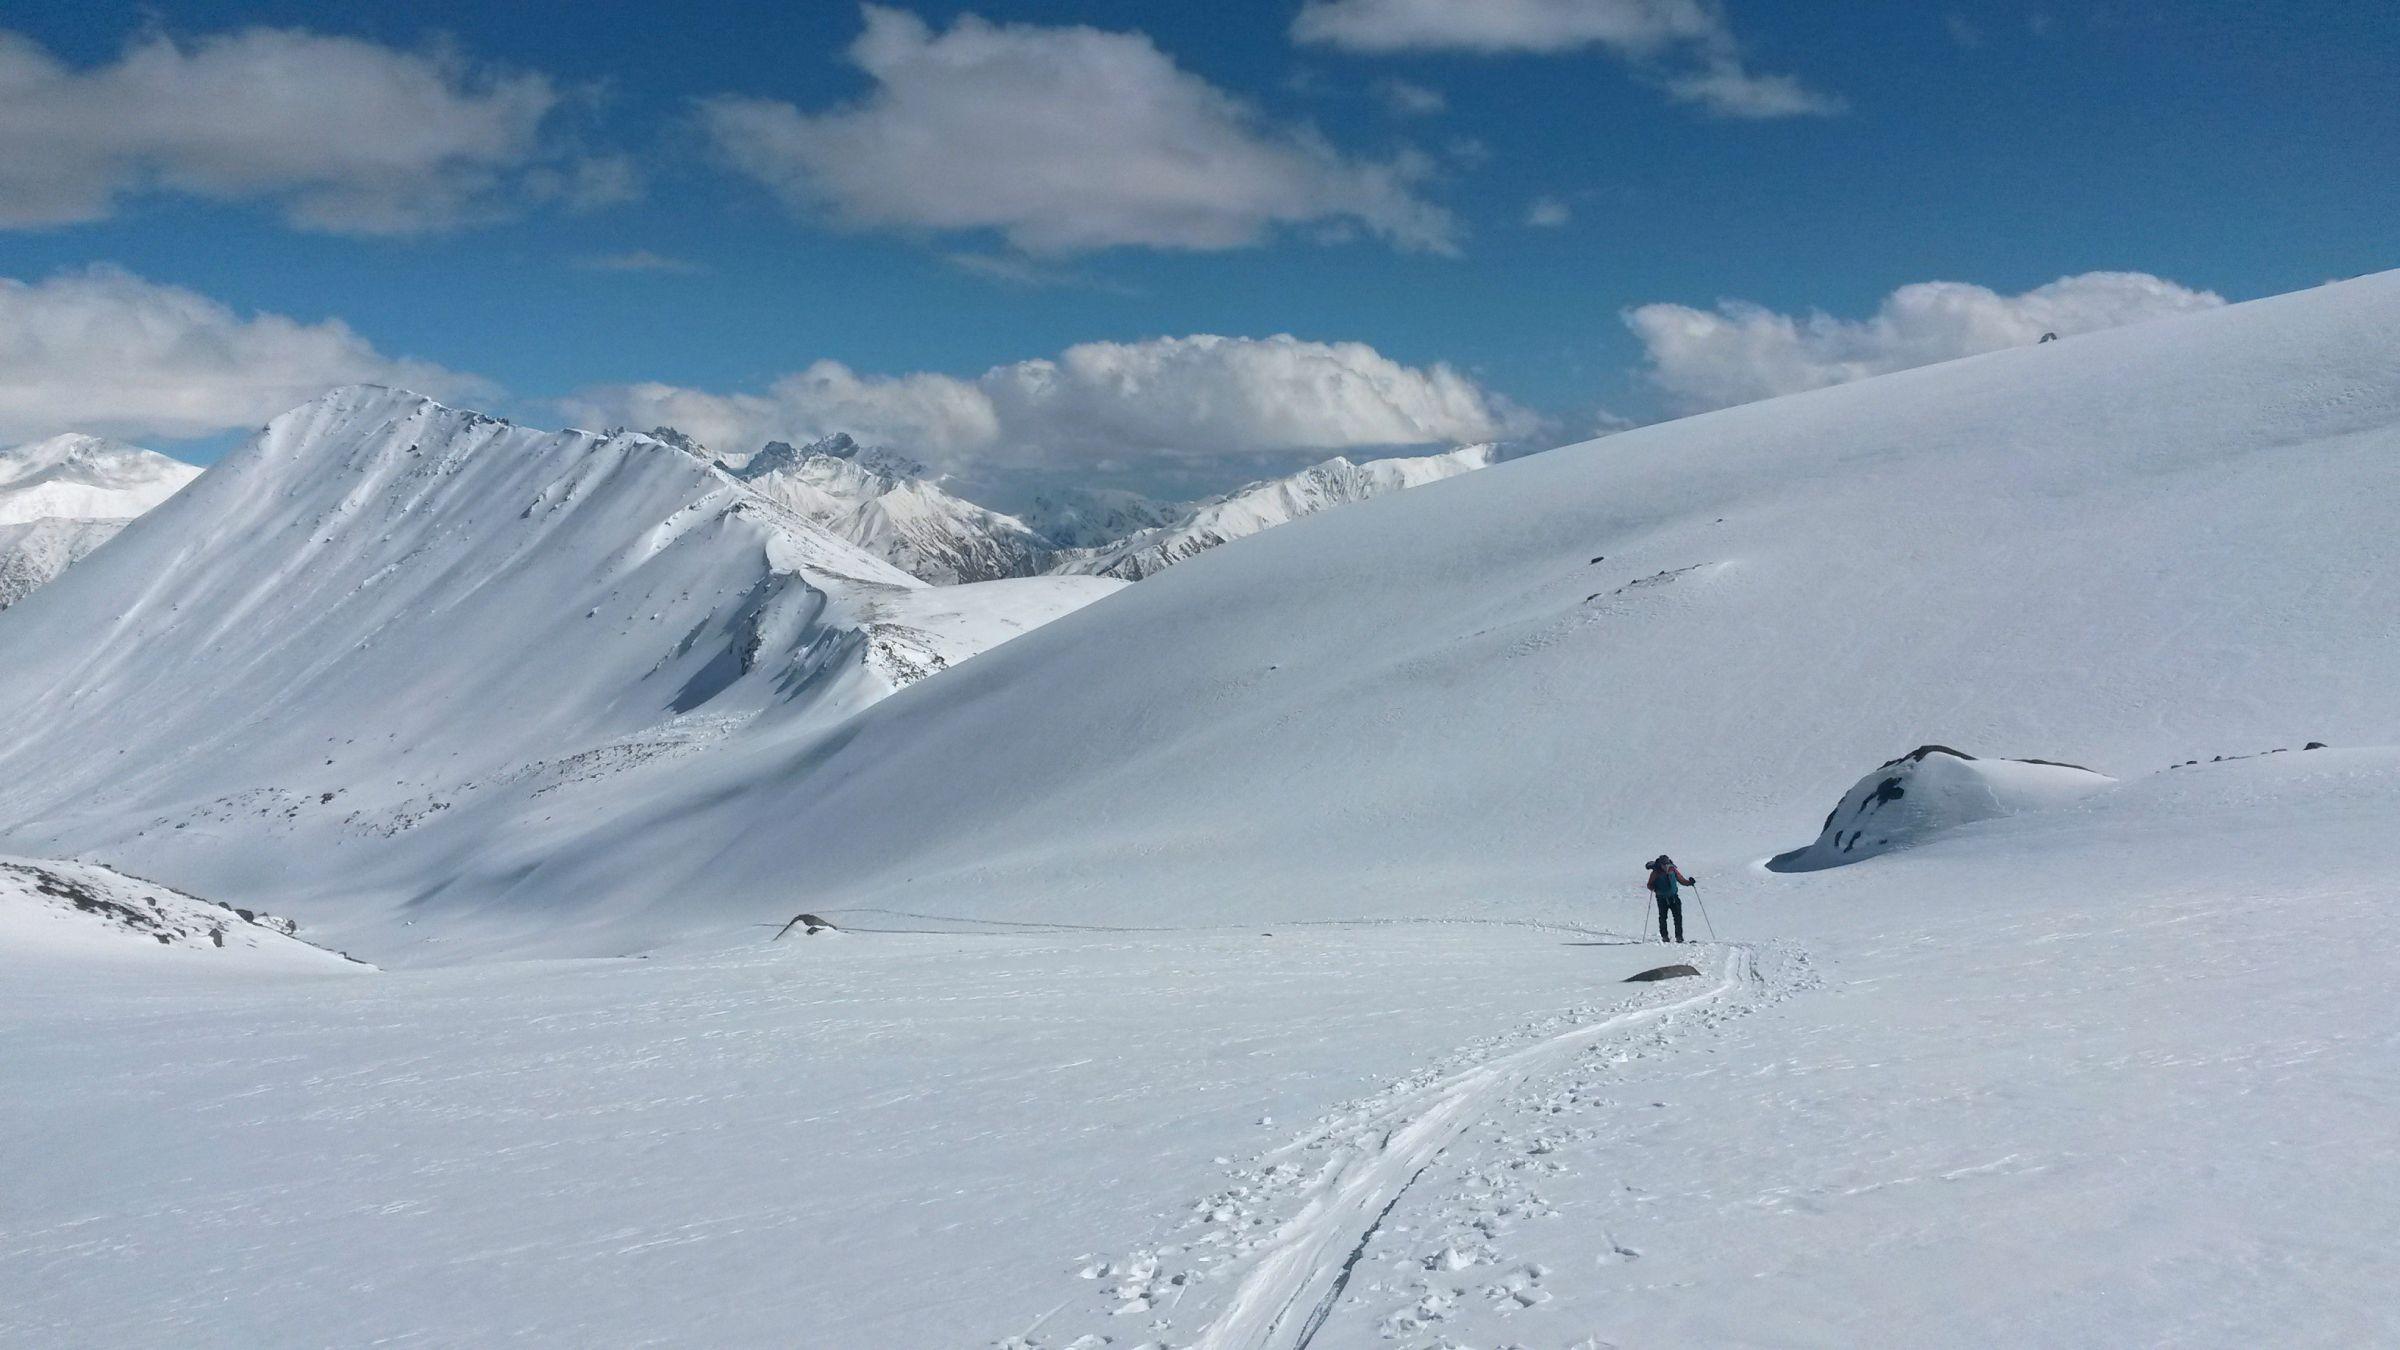 Ски-тур на Казбеке: Сергей Зон-Зам во время восхождения